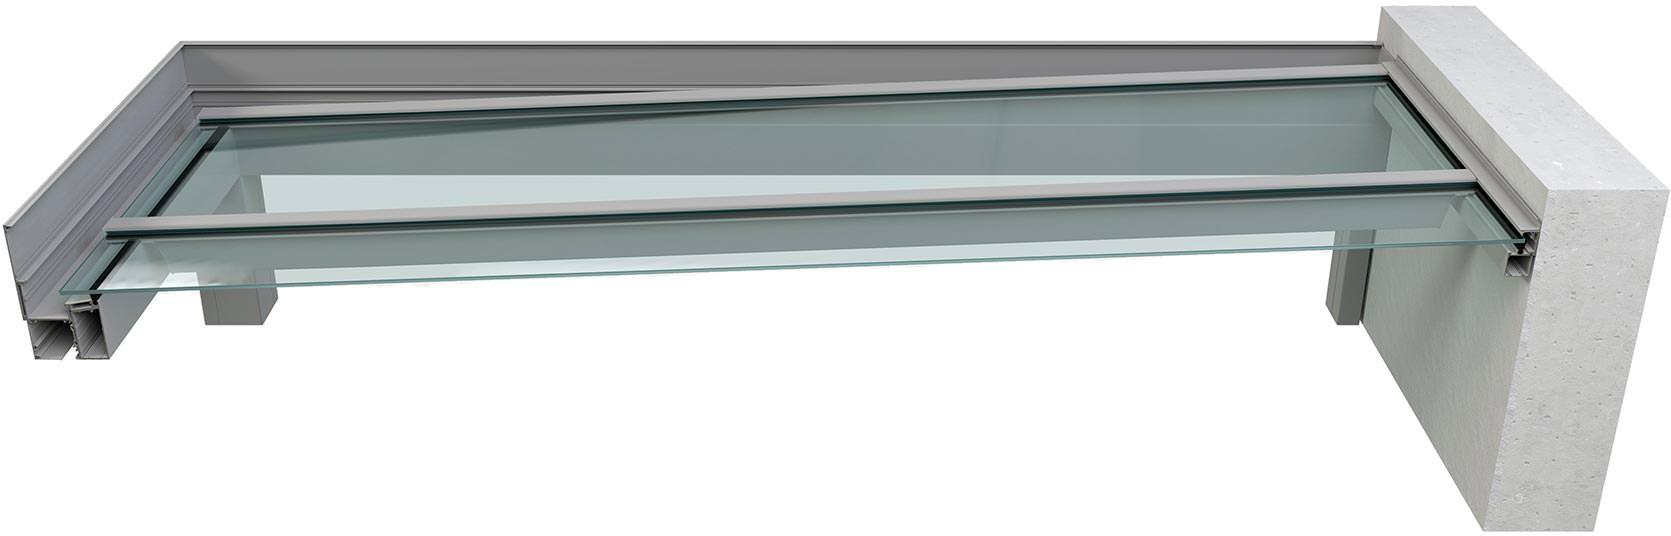 Neues Terrassendach von Solarlux schafft die ...